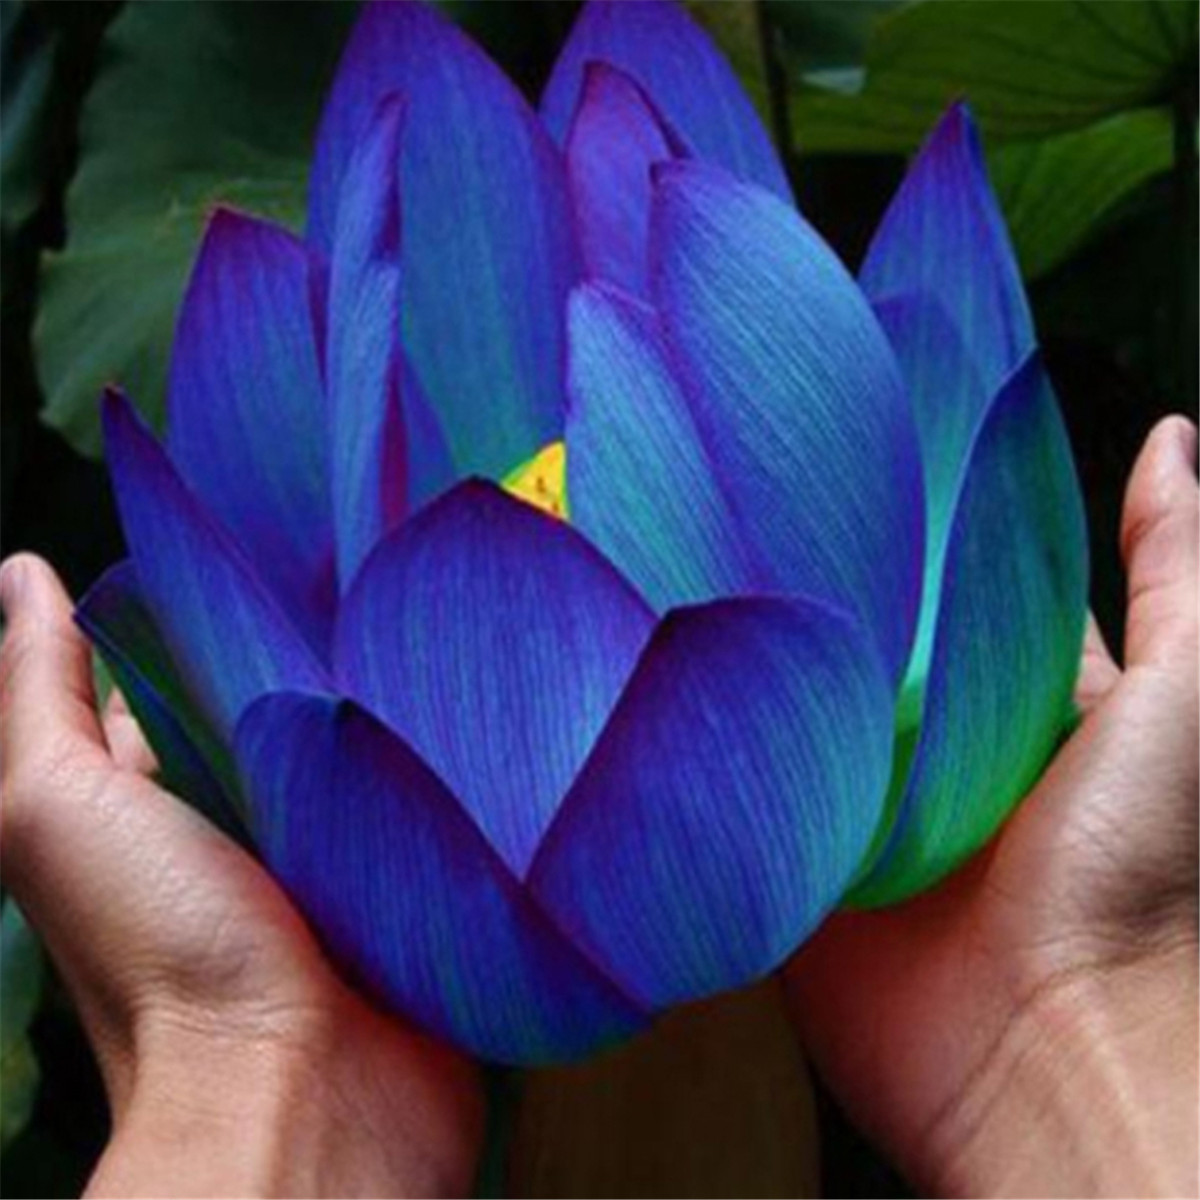 10pcs flower seeds blue lotus seeds aquatic plants water lily plants 10pcs flower seeds blue lotus seeds aquatic plants water lily plants rare lotus izmirmasajfo